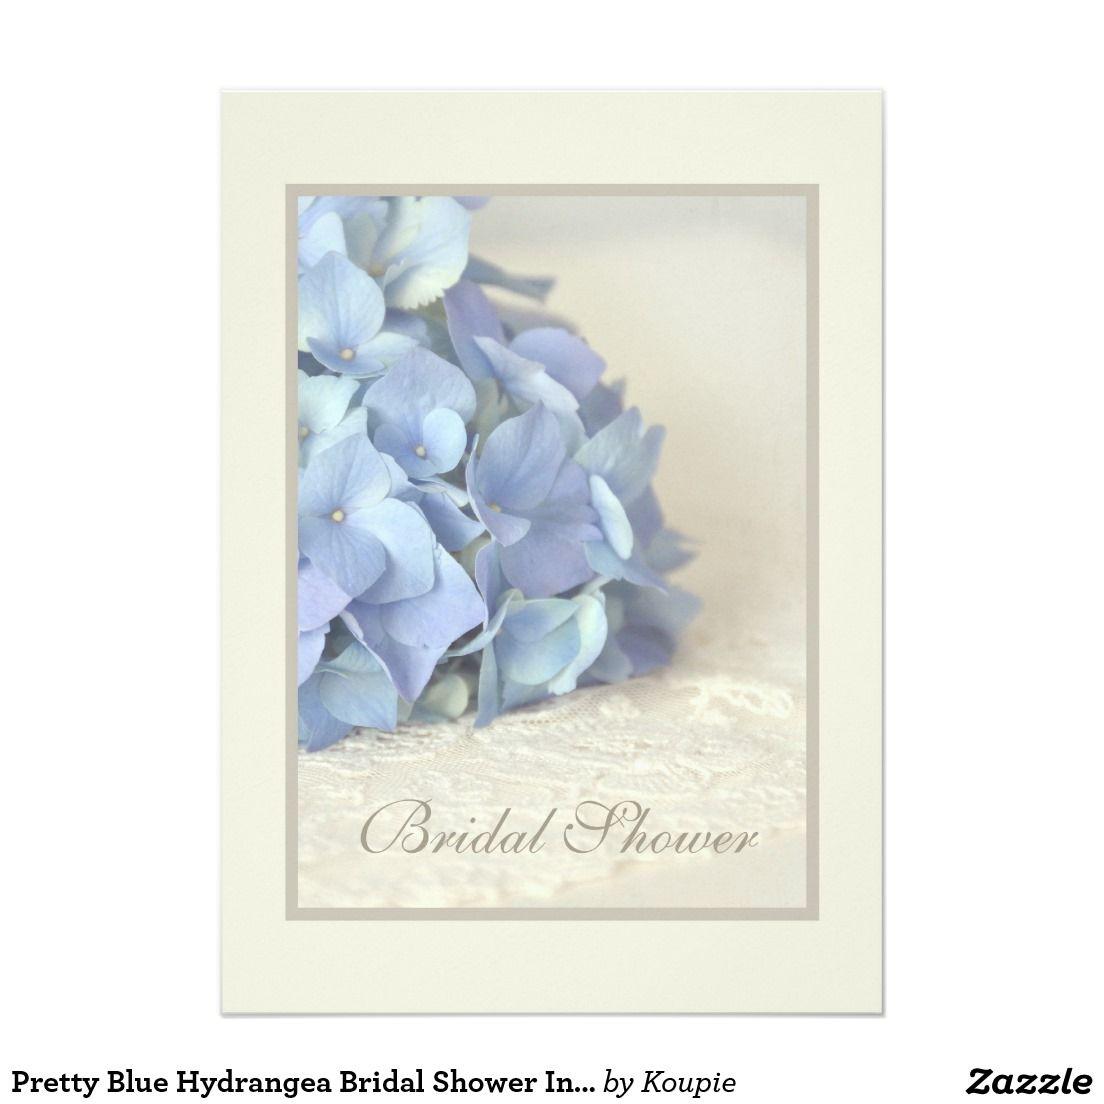 pretty blue hydrangea bridal shower invitations